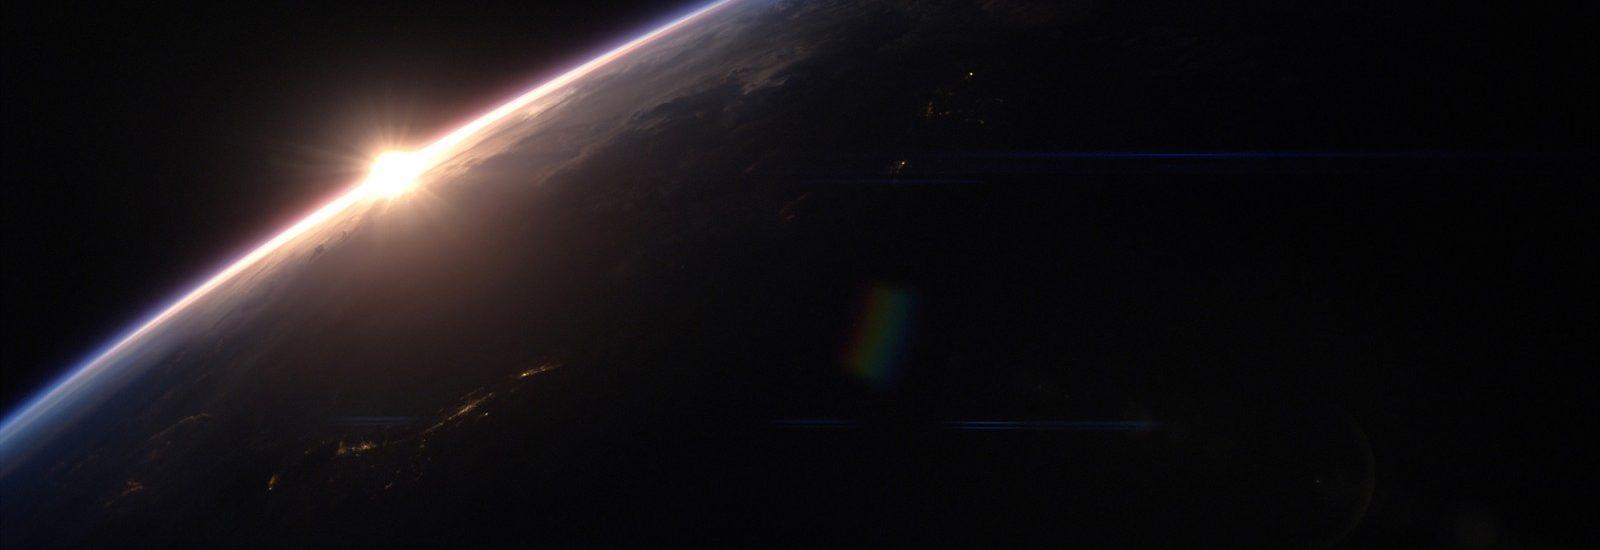 earthrise02